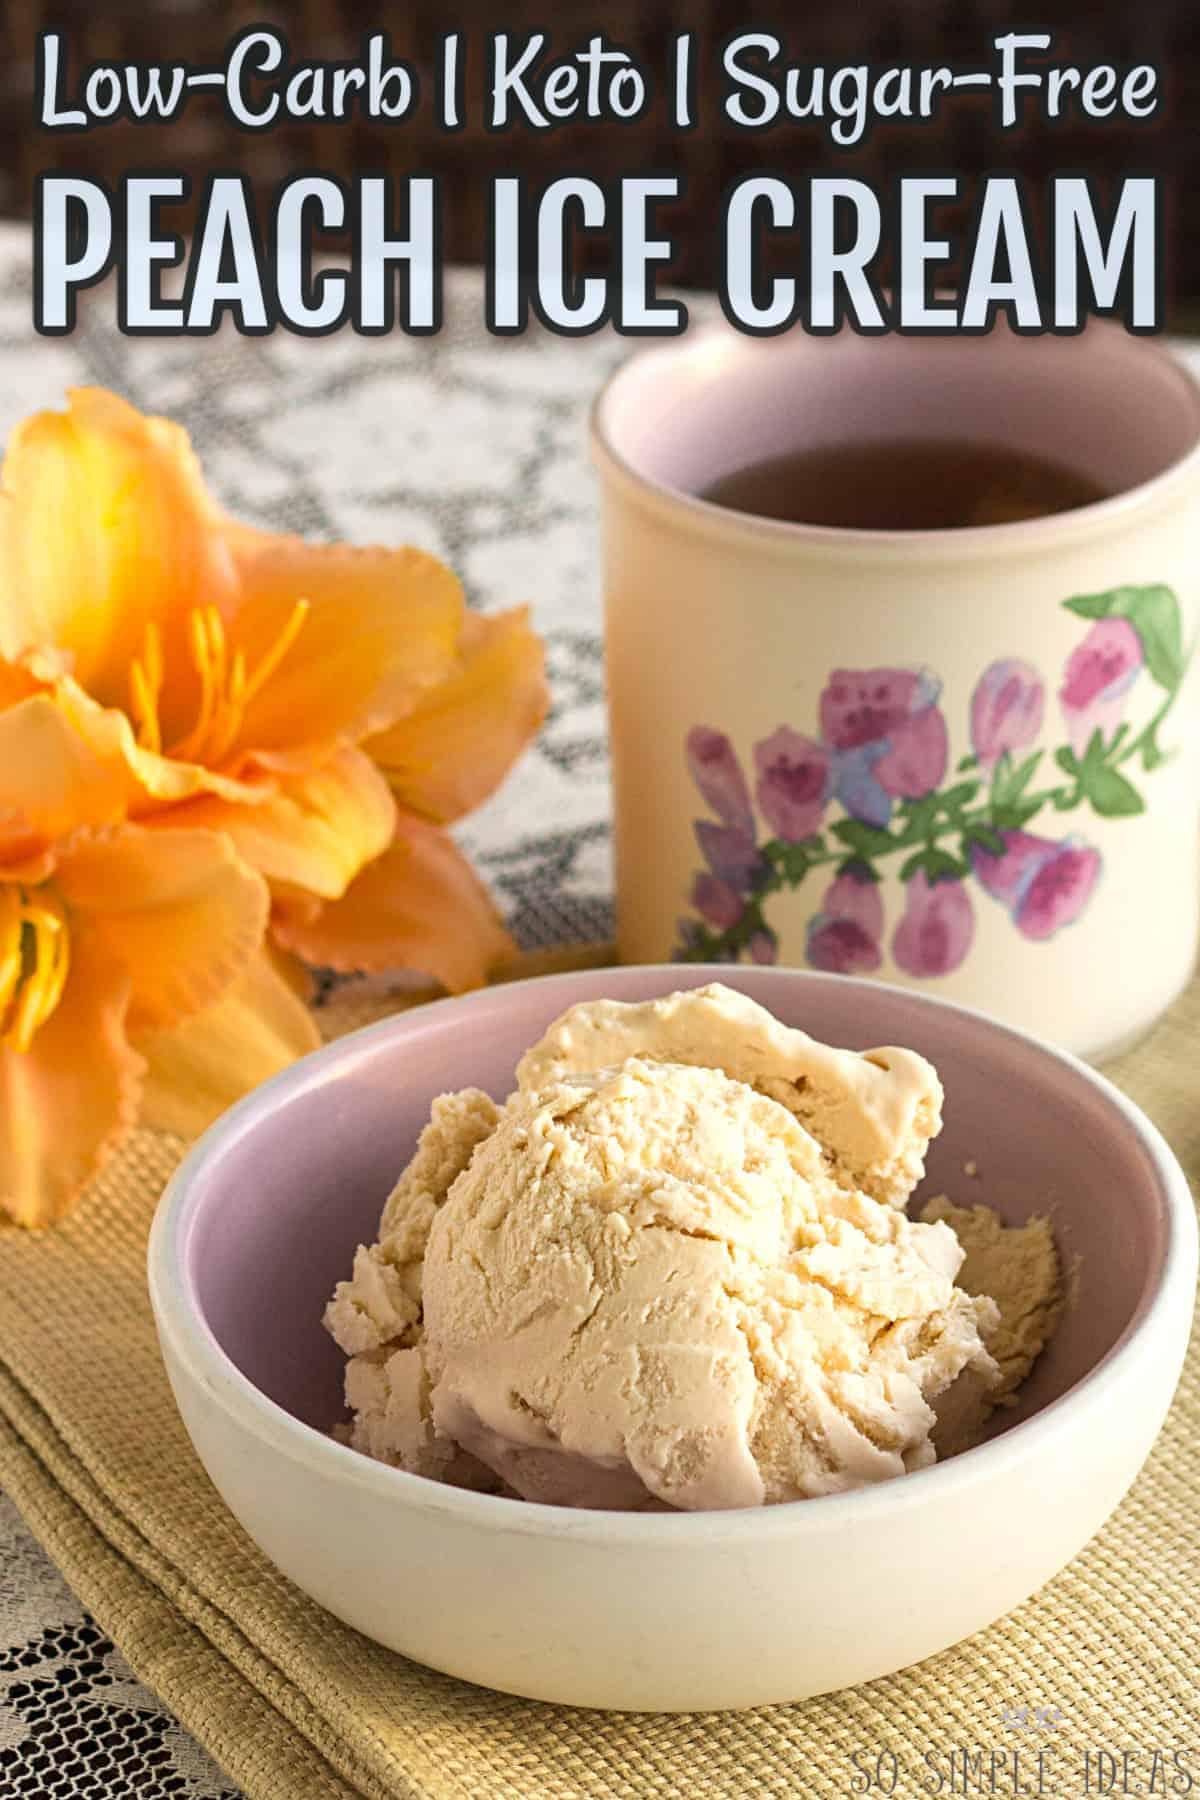 keto low-carb peach ice cream no eggs cover image